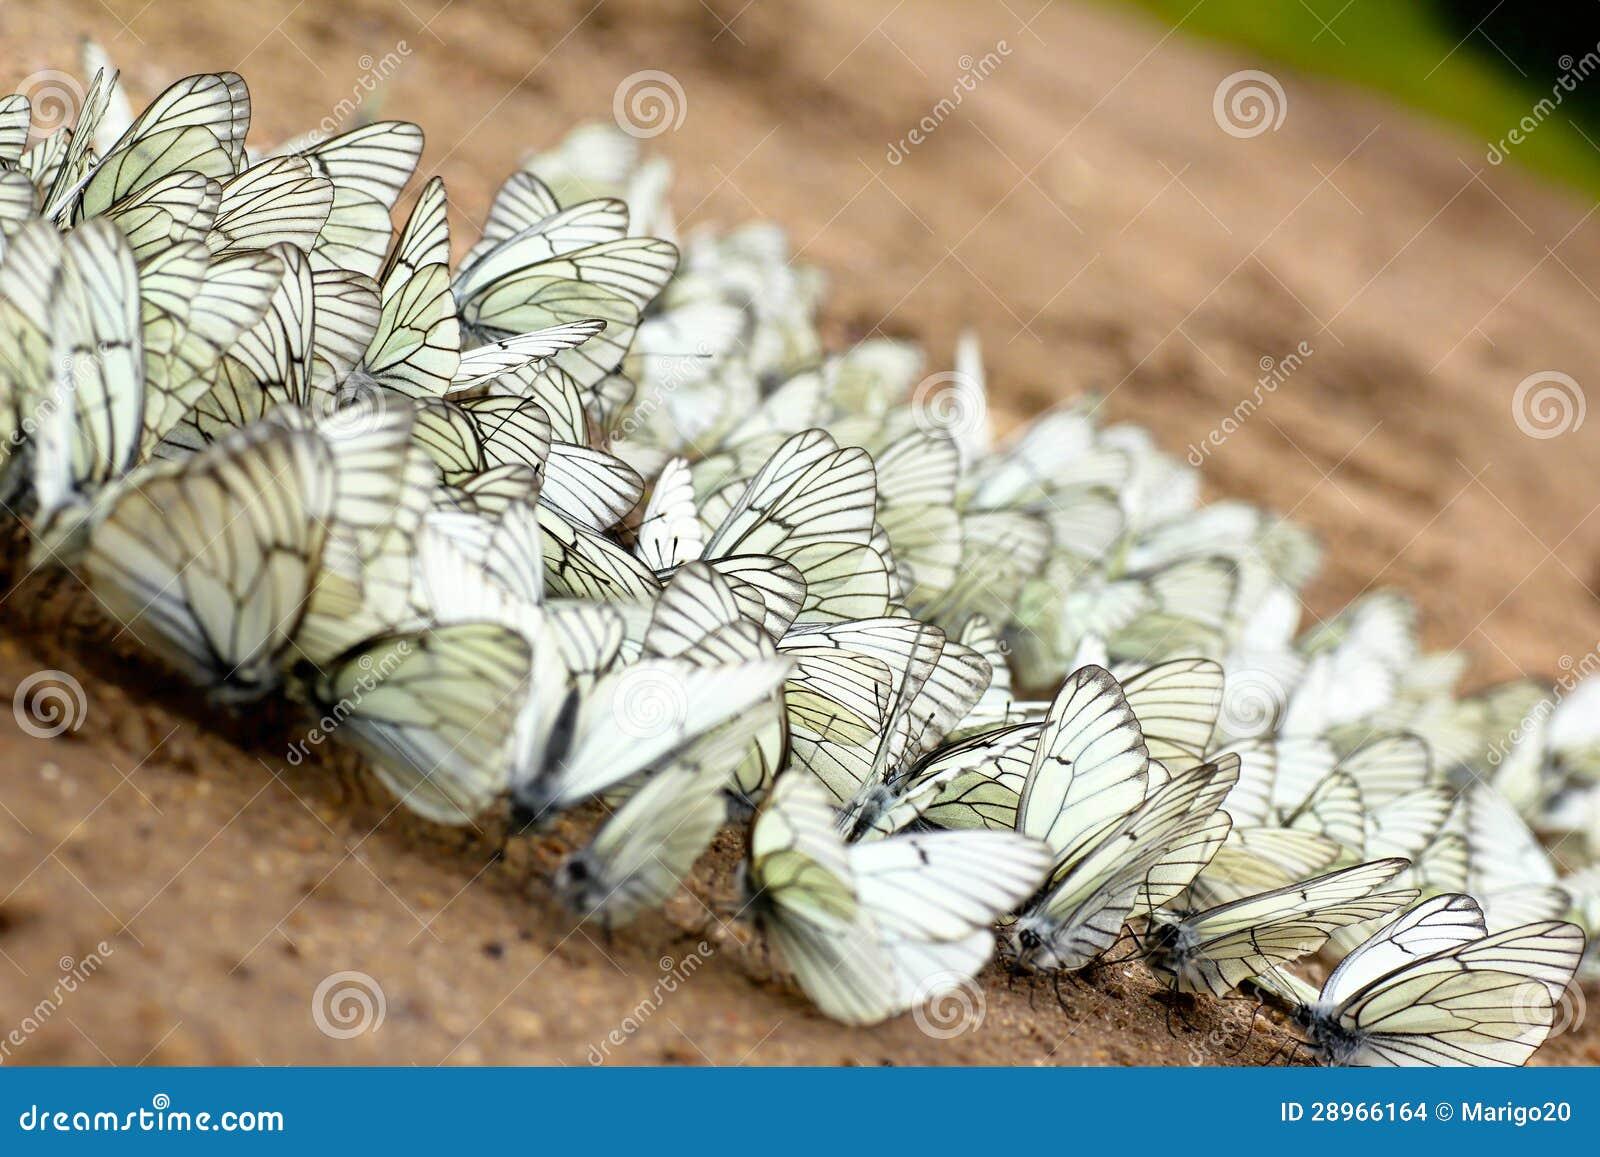 Wielka grupa motyle.